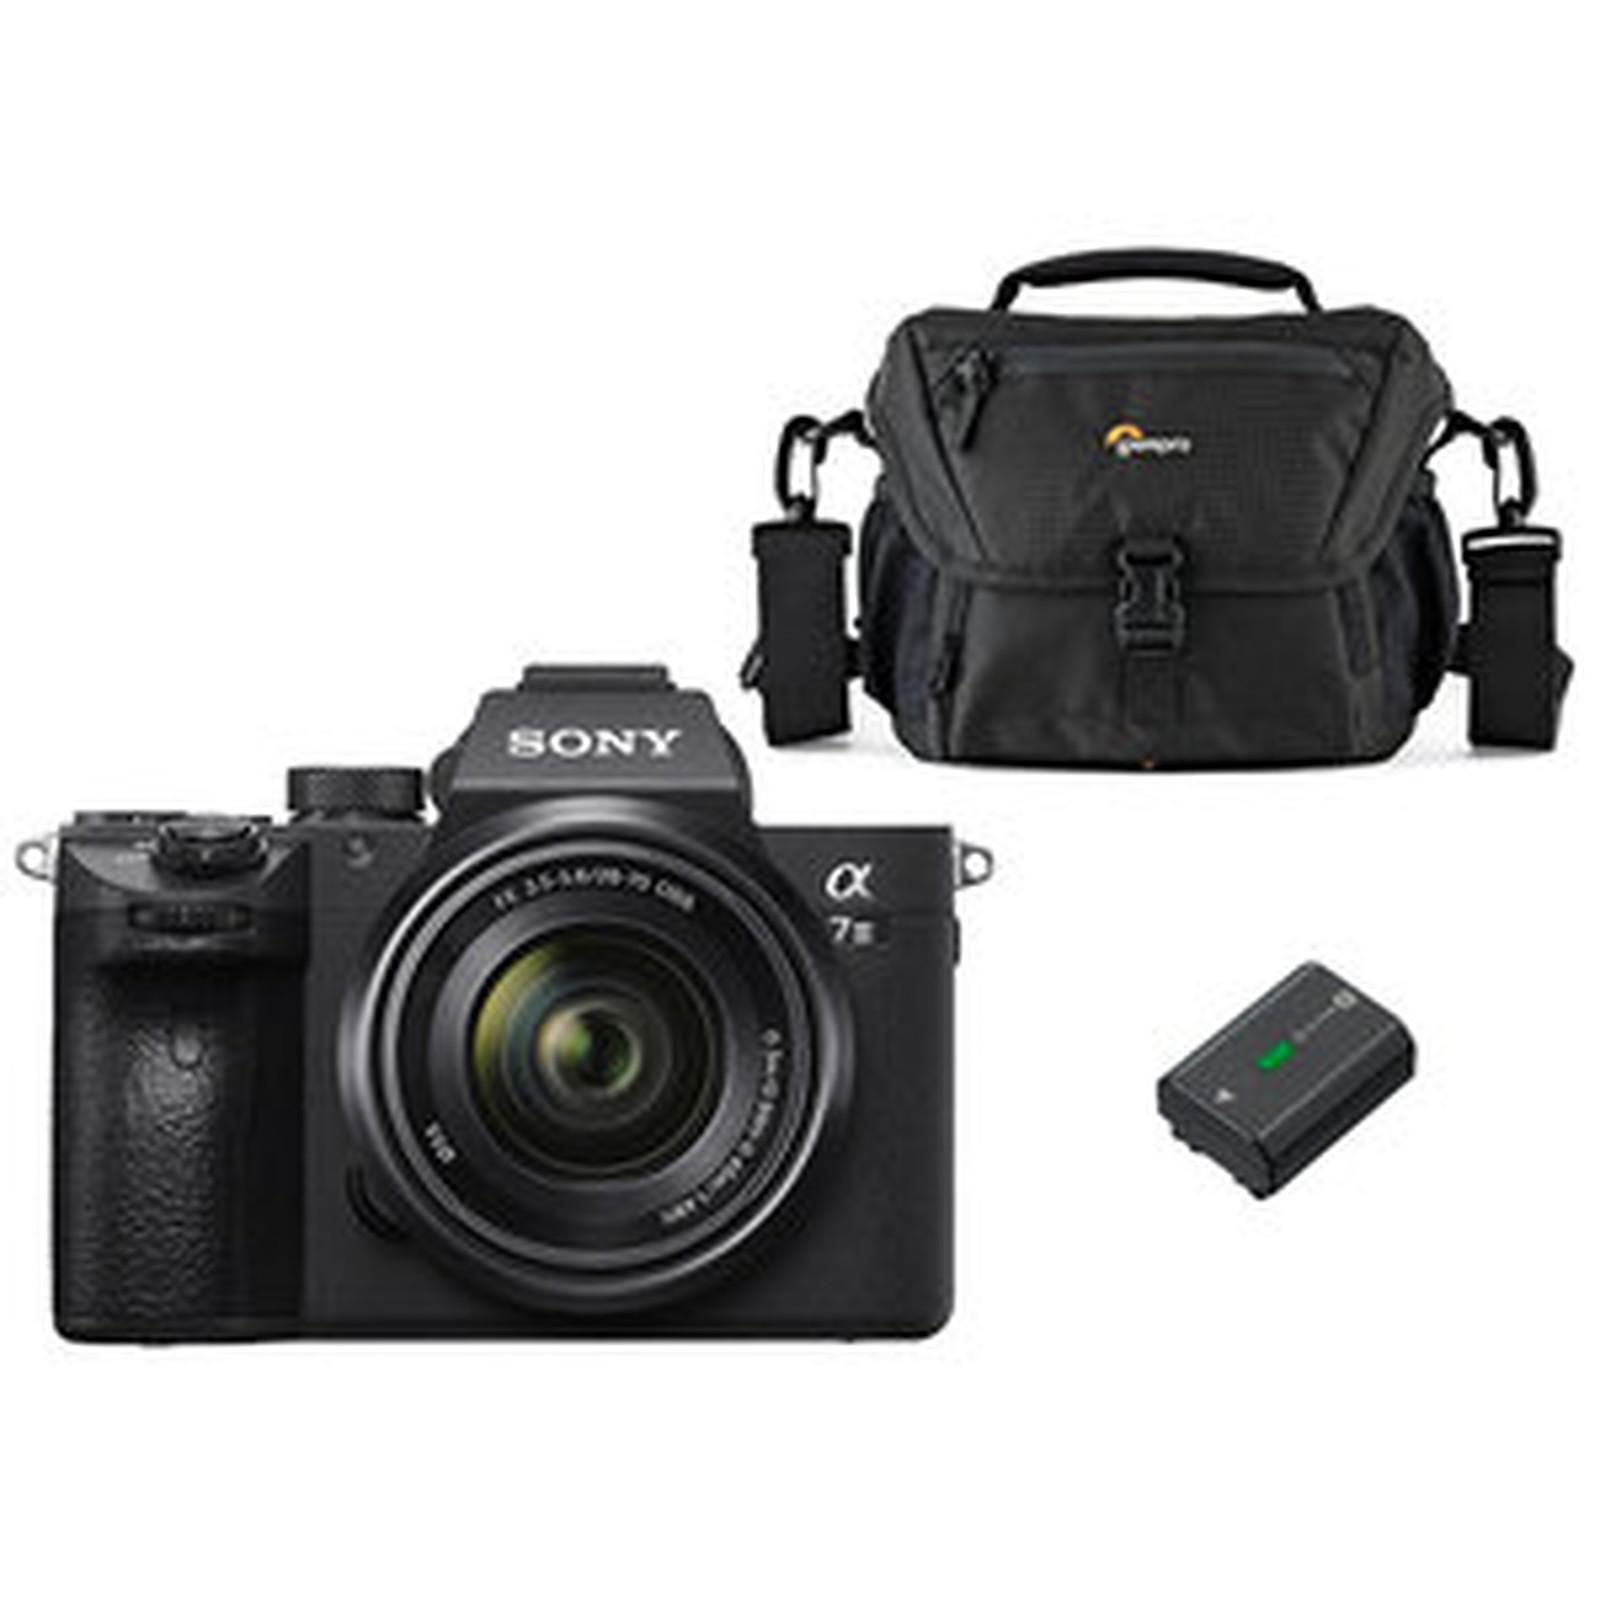 Sony Alpha 7 III + 28-70 mm + Lowepro Nova 160 AW II + Sony NP-FZ100